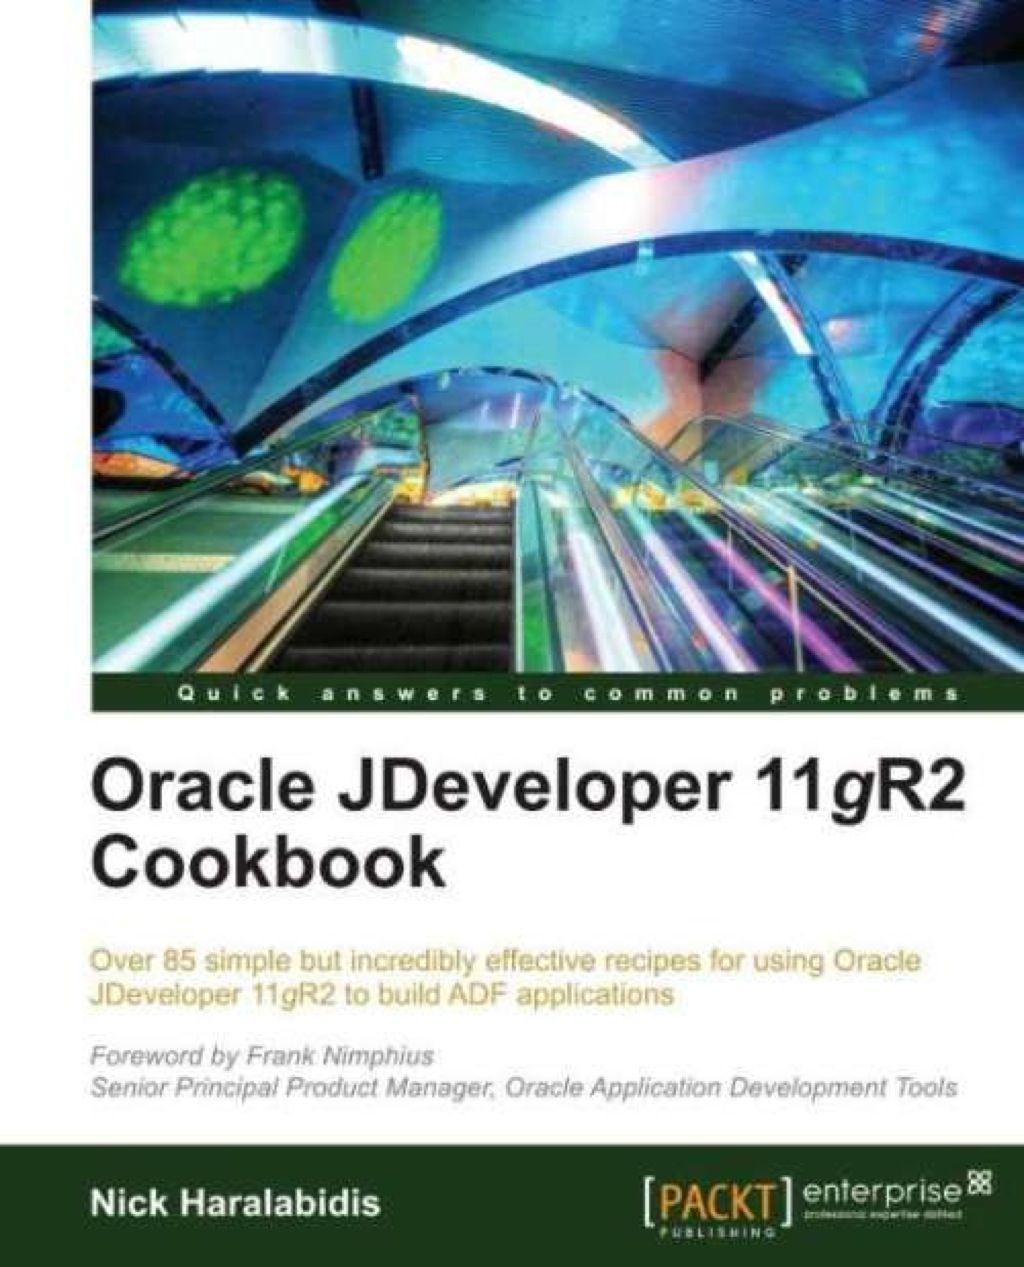 Oracle JDeveloper 11gR2 Cookbook (eBook) | Products